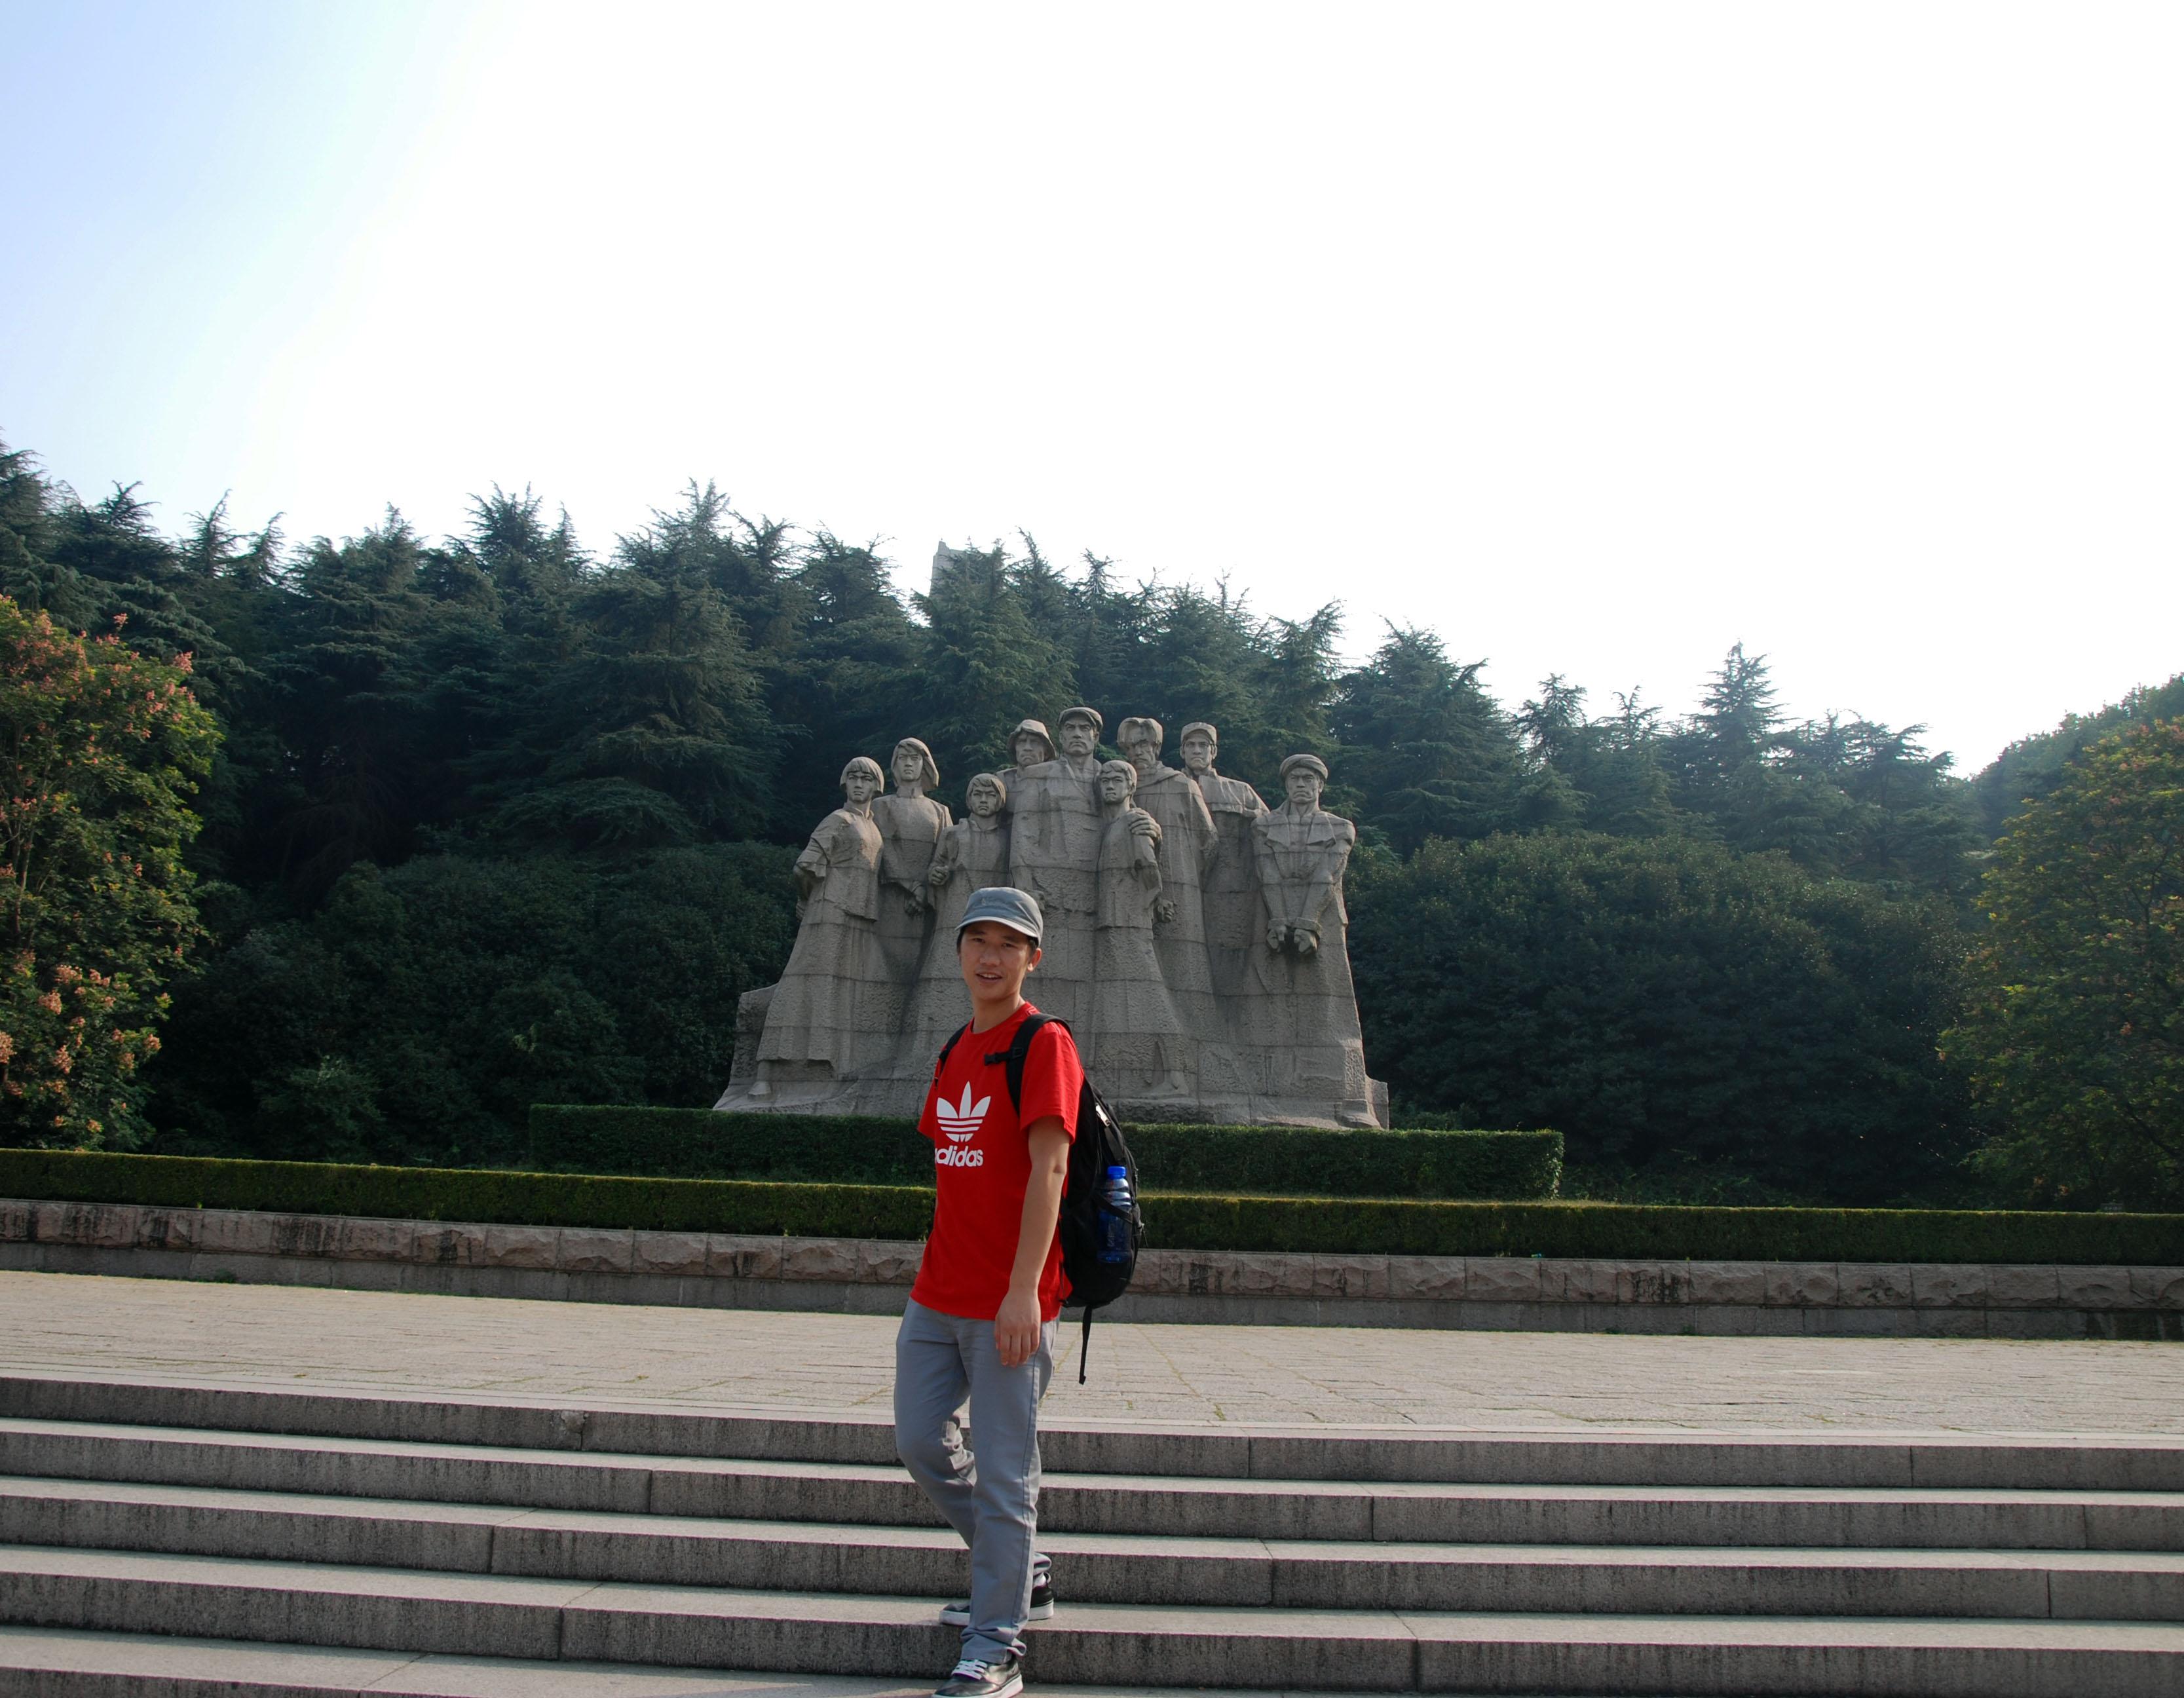 黄山旅游大概多少钱_【i旅行】国庆游:合肥-泾县-黄山-南京,旅游难忘安徽.